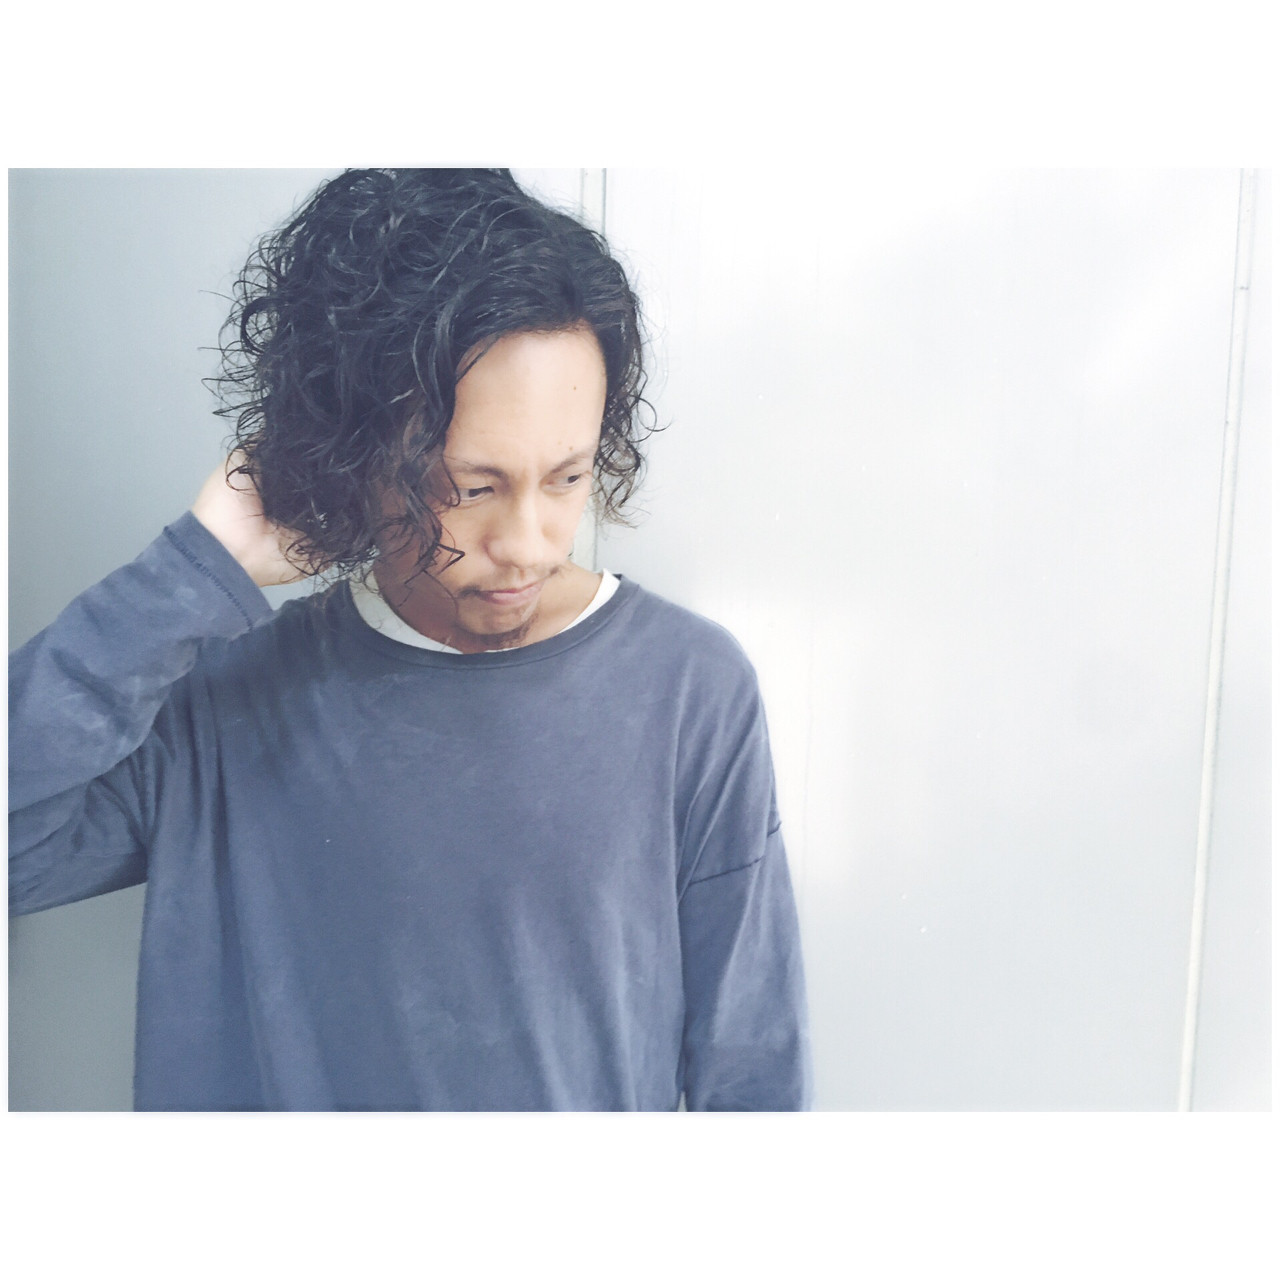 ストリート メンズ パーマ モテ髪 ヘアスタイルや髪型の写真・画像 | 杉本あさか asa / buzz北堀江